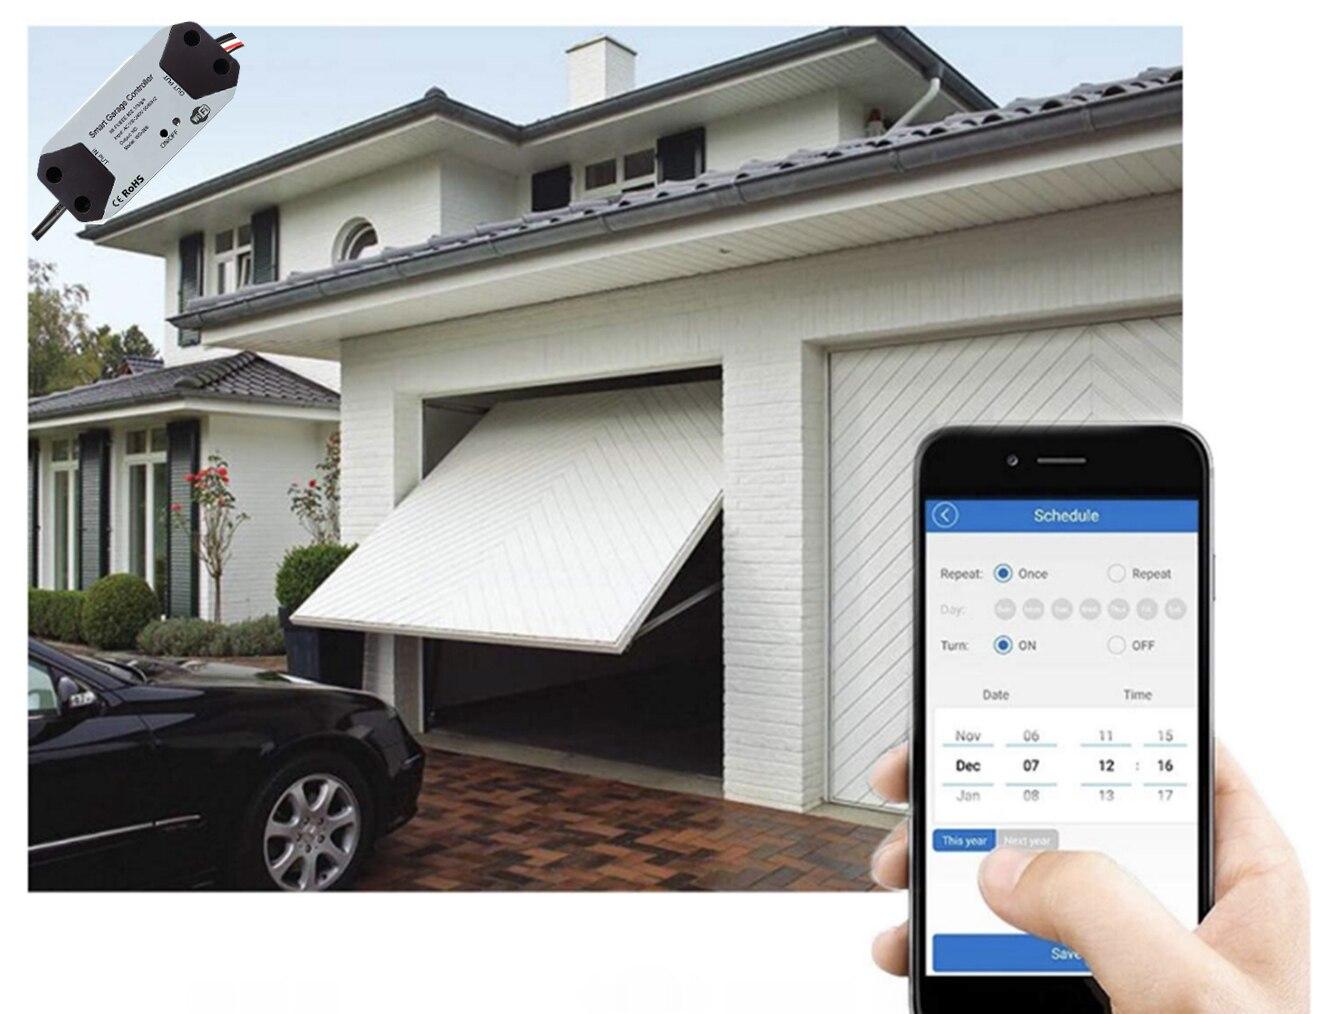 H30c584a766dd47368b13c17d4686dbf2M Wofea WiFi Switch Smart Garage Door Opener Controller Work With Alexa Echo Google Home SmartLife/Tuya APP Control No Hub Require